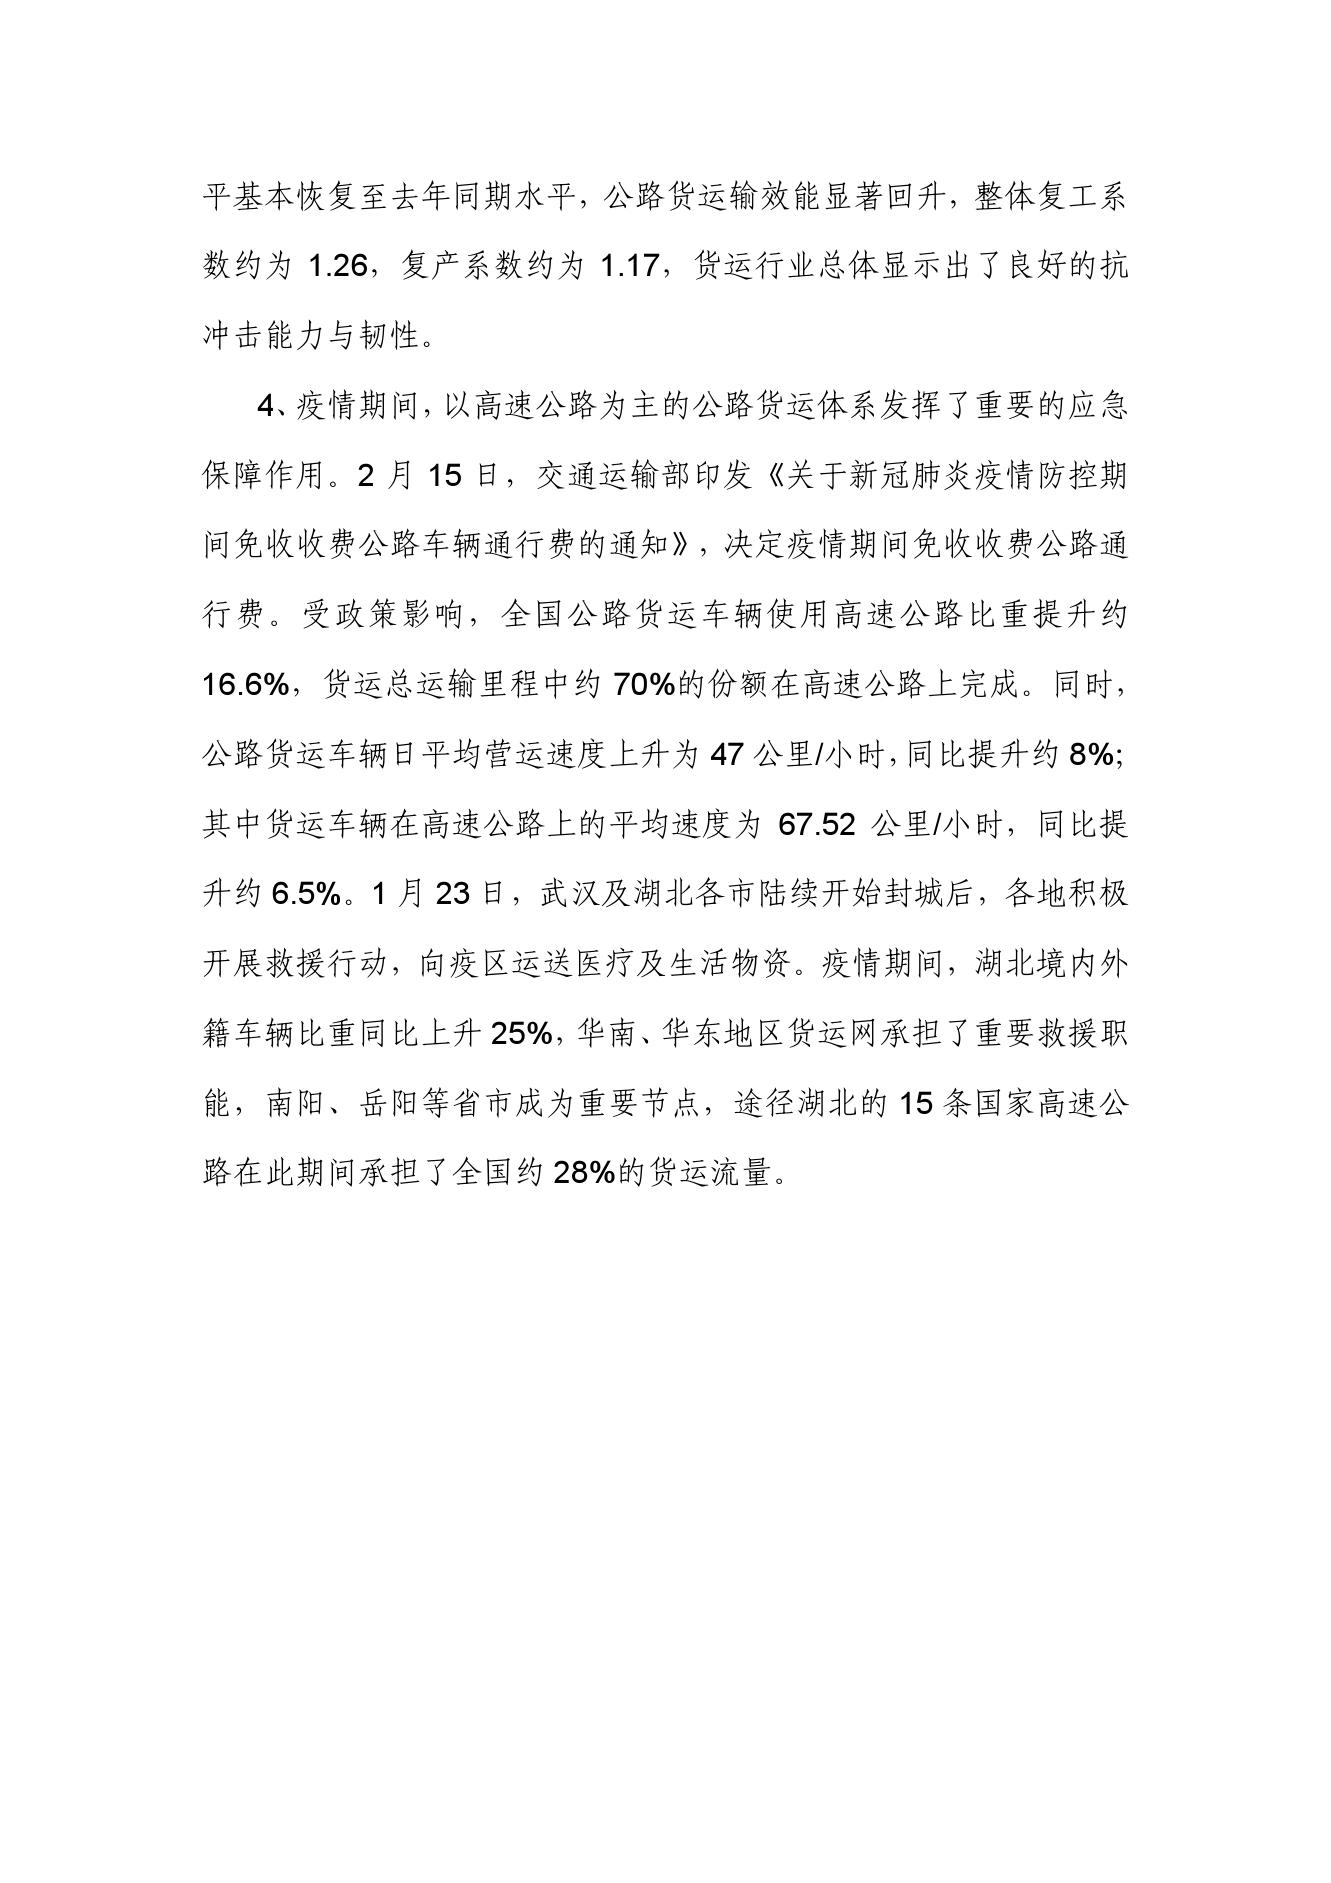 长安大学:中国公路货运疫情影响分析简报(可下载报告)插图(9)